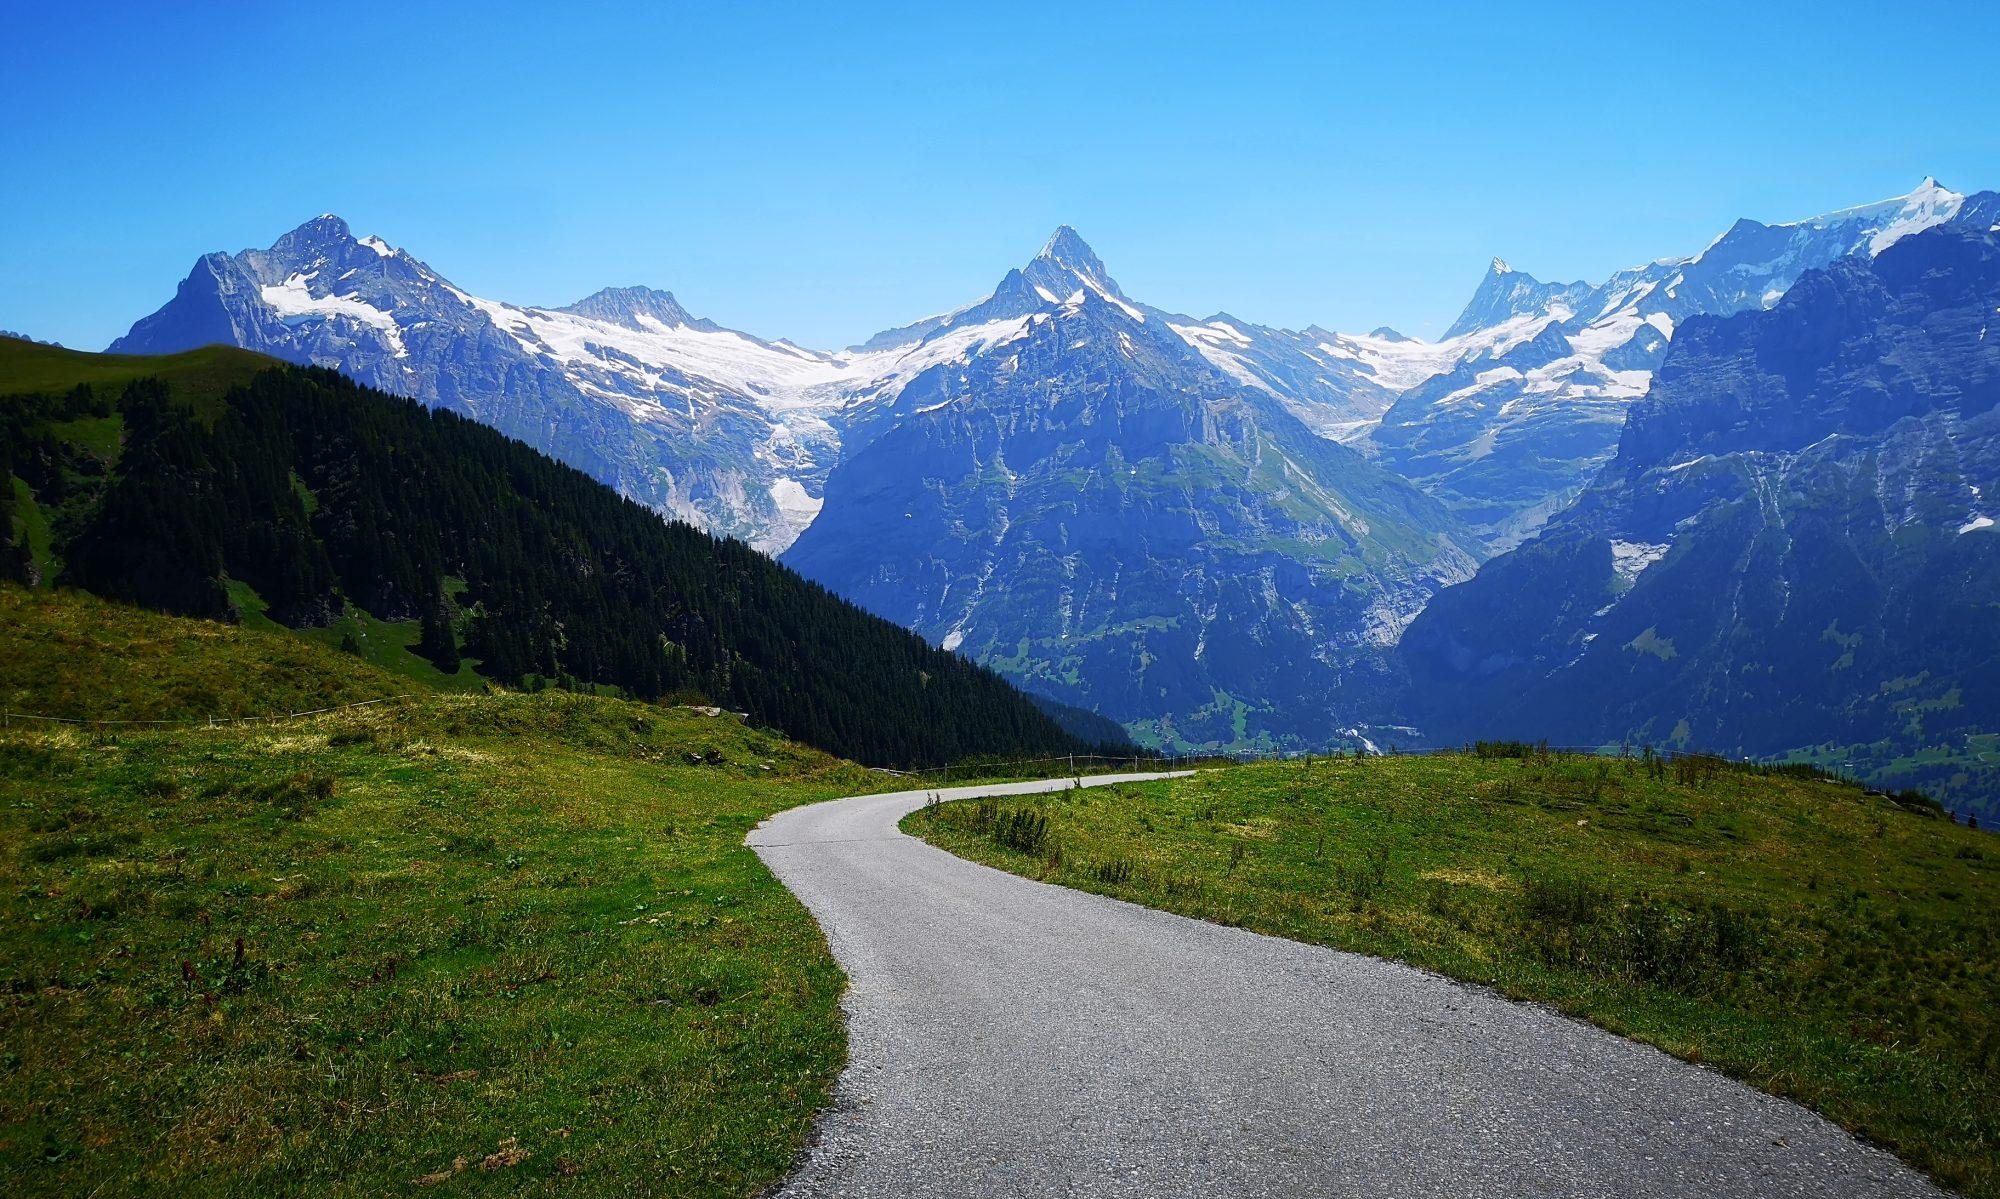 lungul drum pana departe